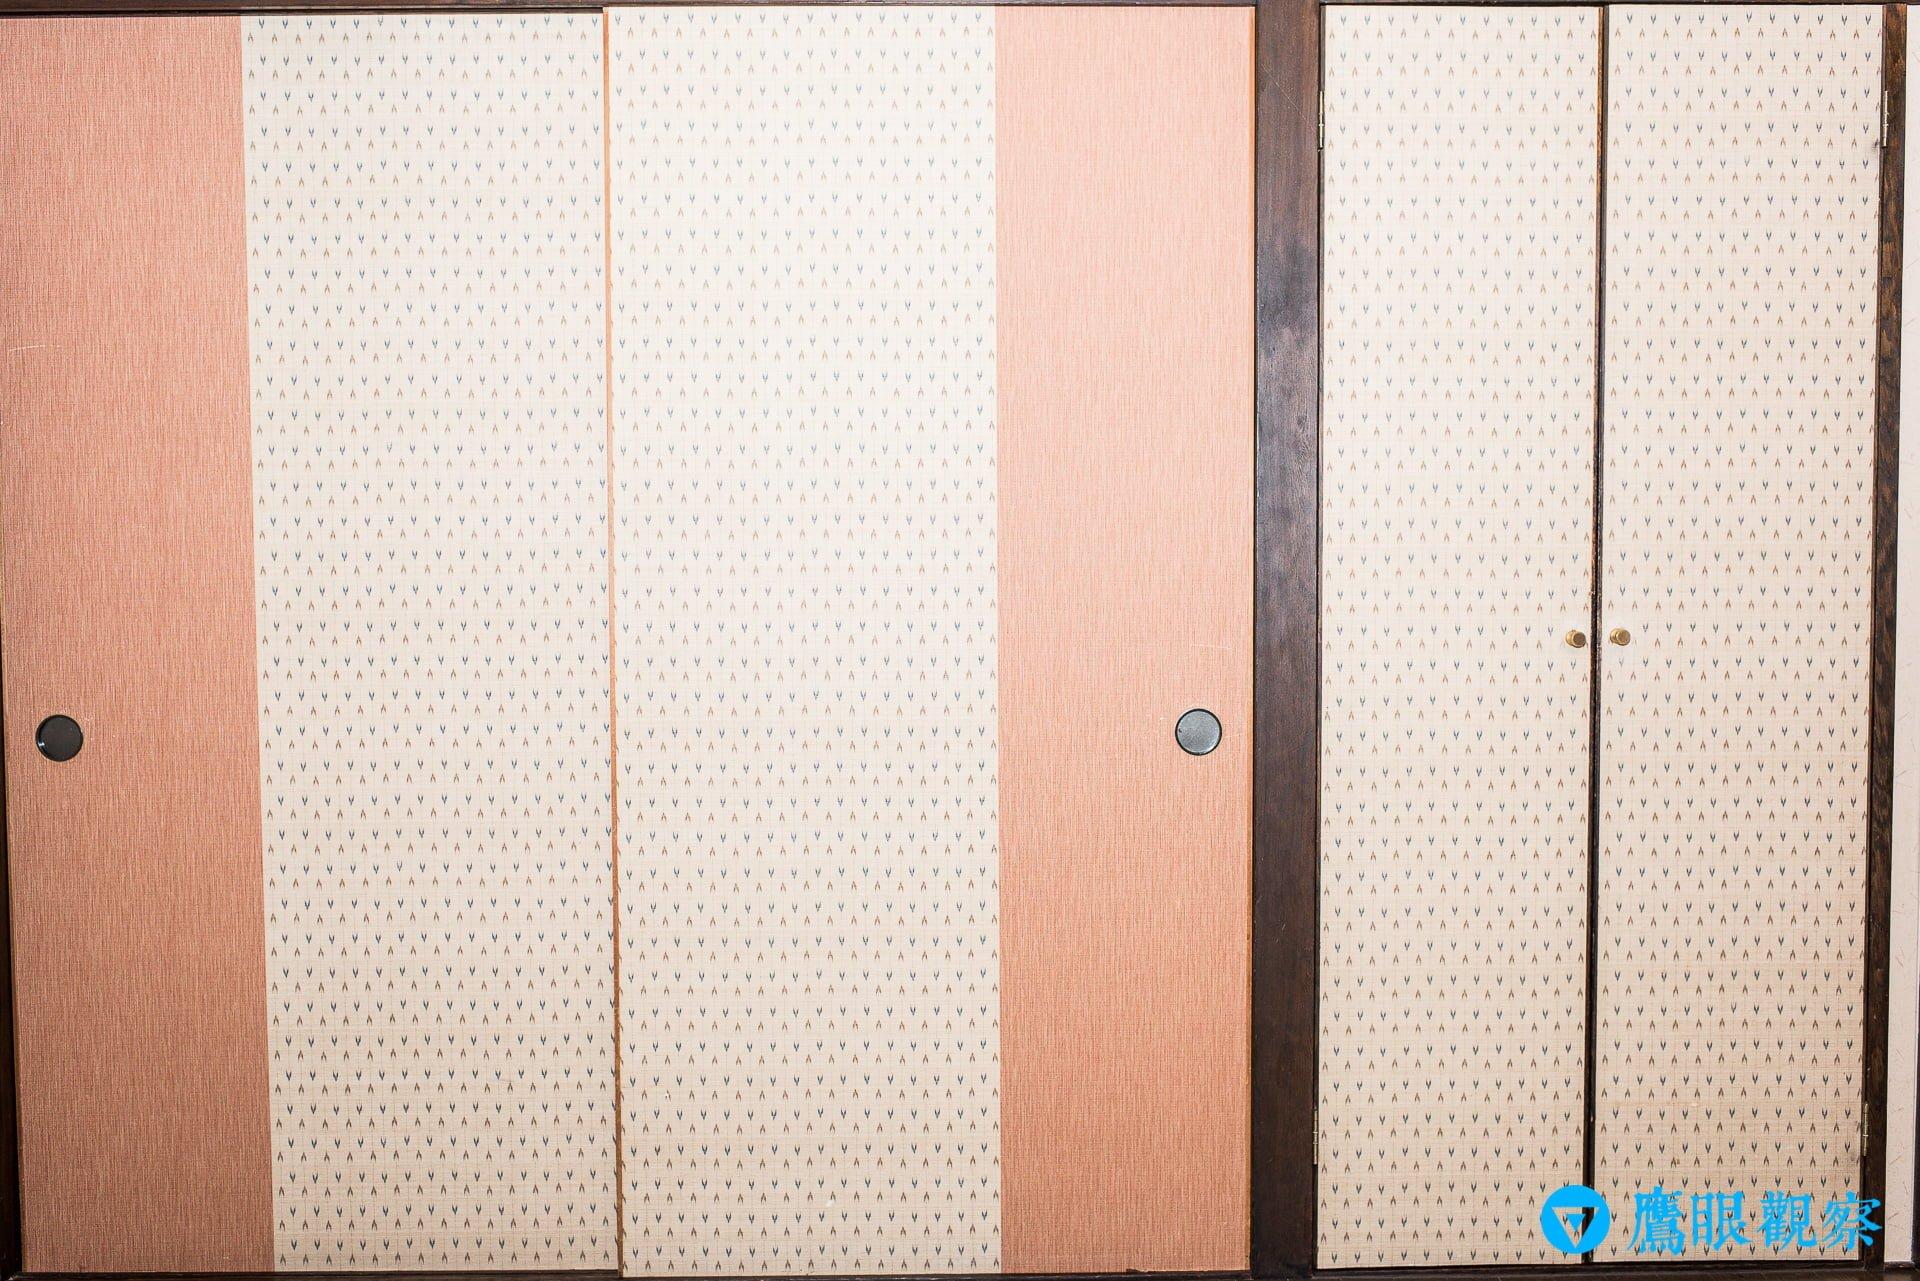 travel Japan gunma kishigon ryokan hotel in izumo spa hot spring 2 群馬縣伊香保溫泉「岸權旅館」日本旅館住宿推薦